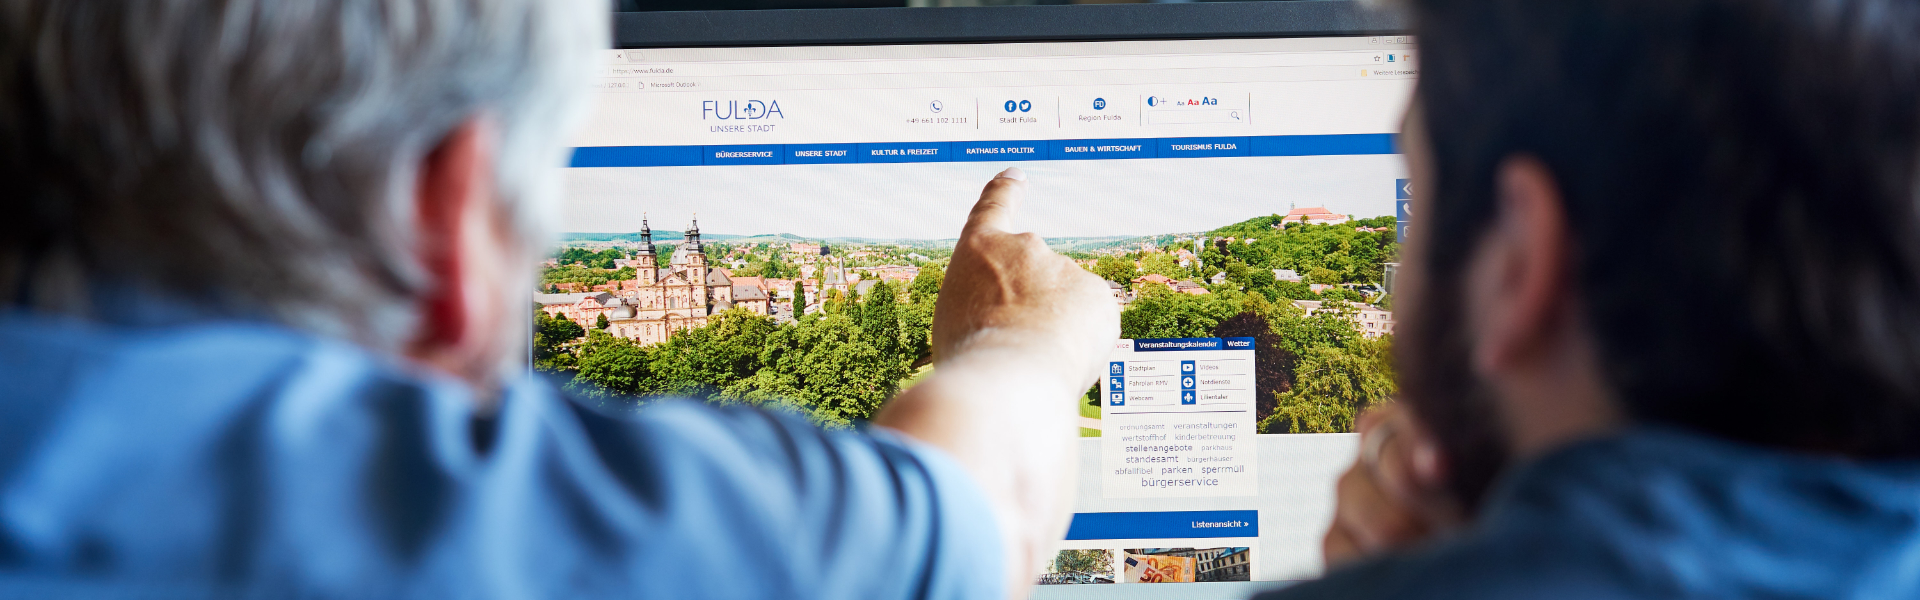 Zwei Männer sitzen vor einem Bildschirm, auf dem eine Webseite angezeigt wird. Der linke Mann deutet den Bildschirm.